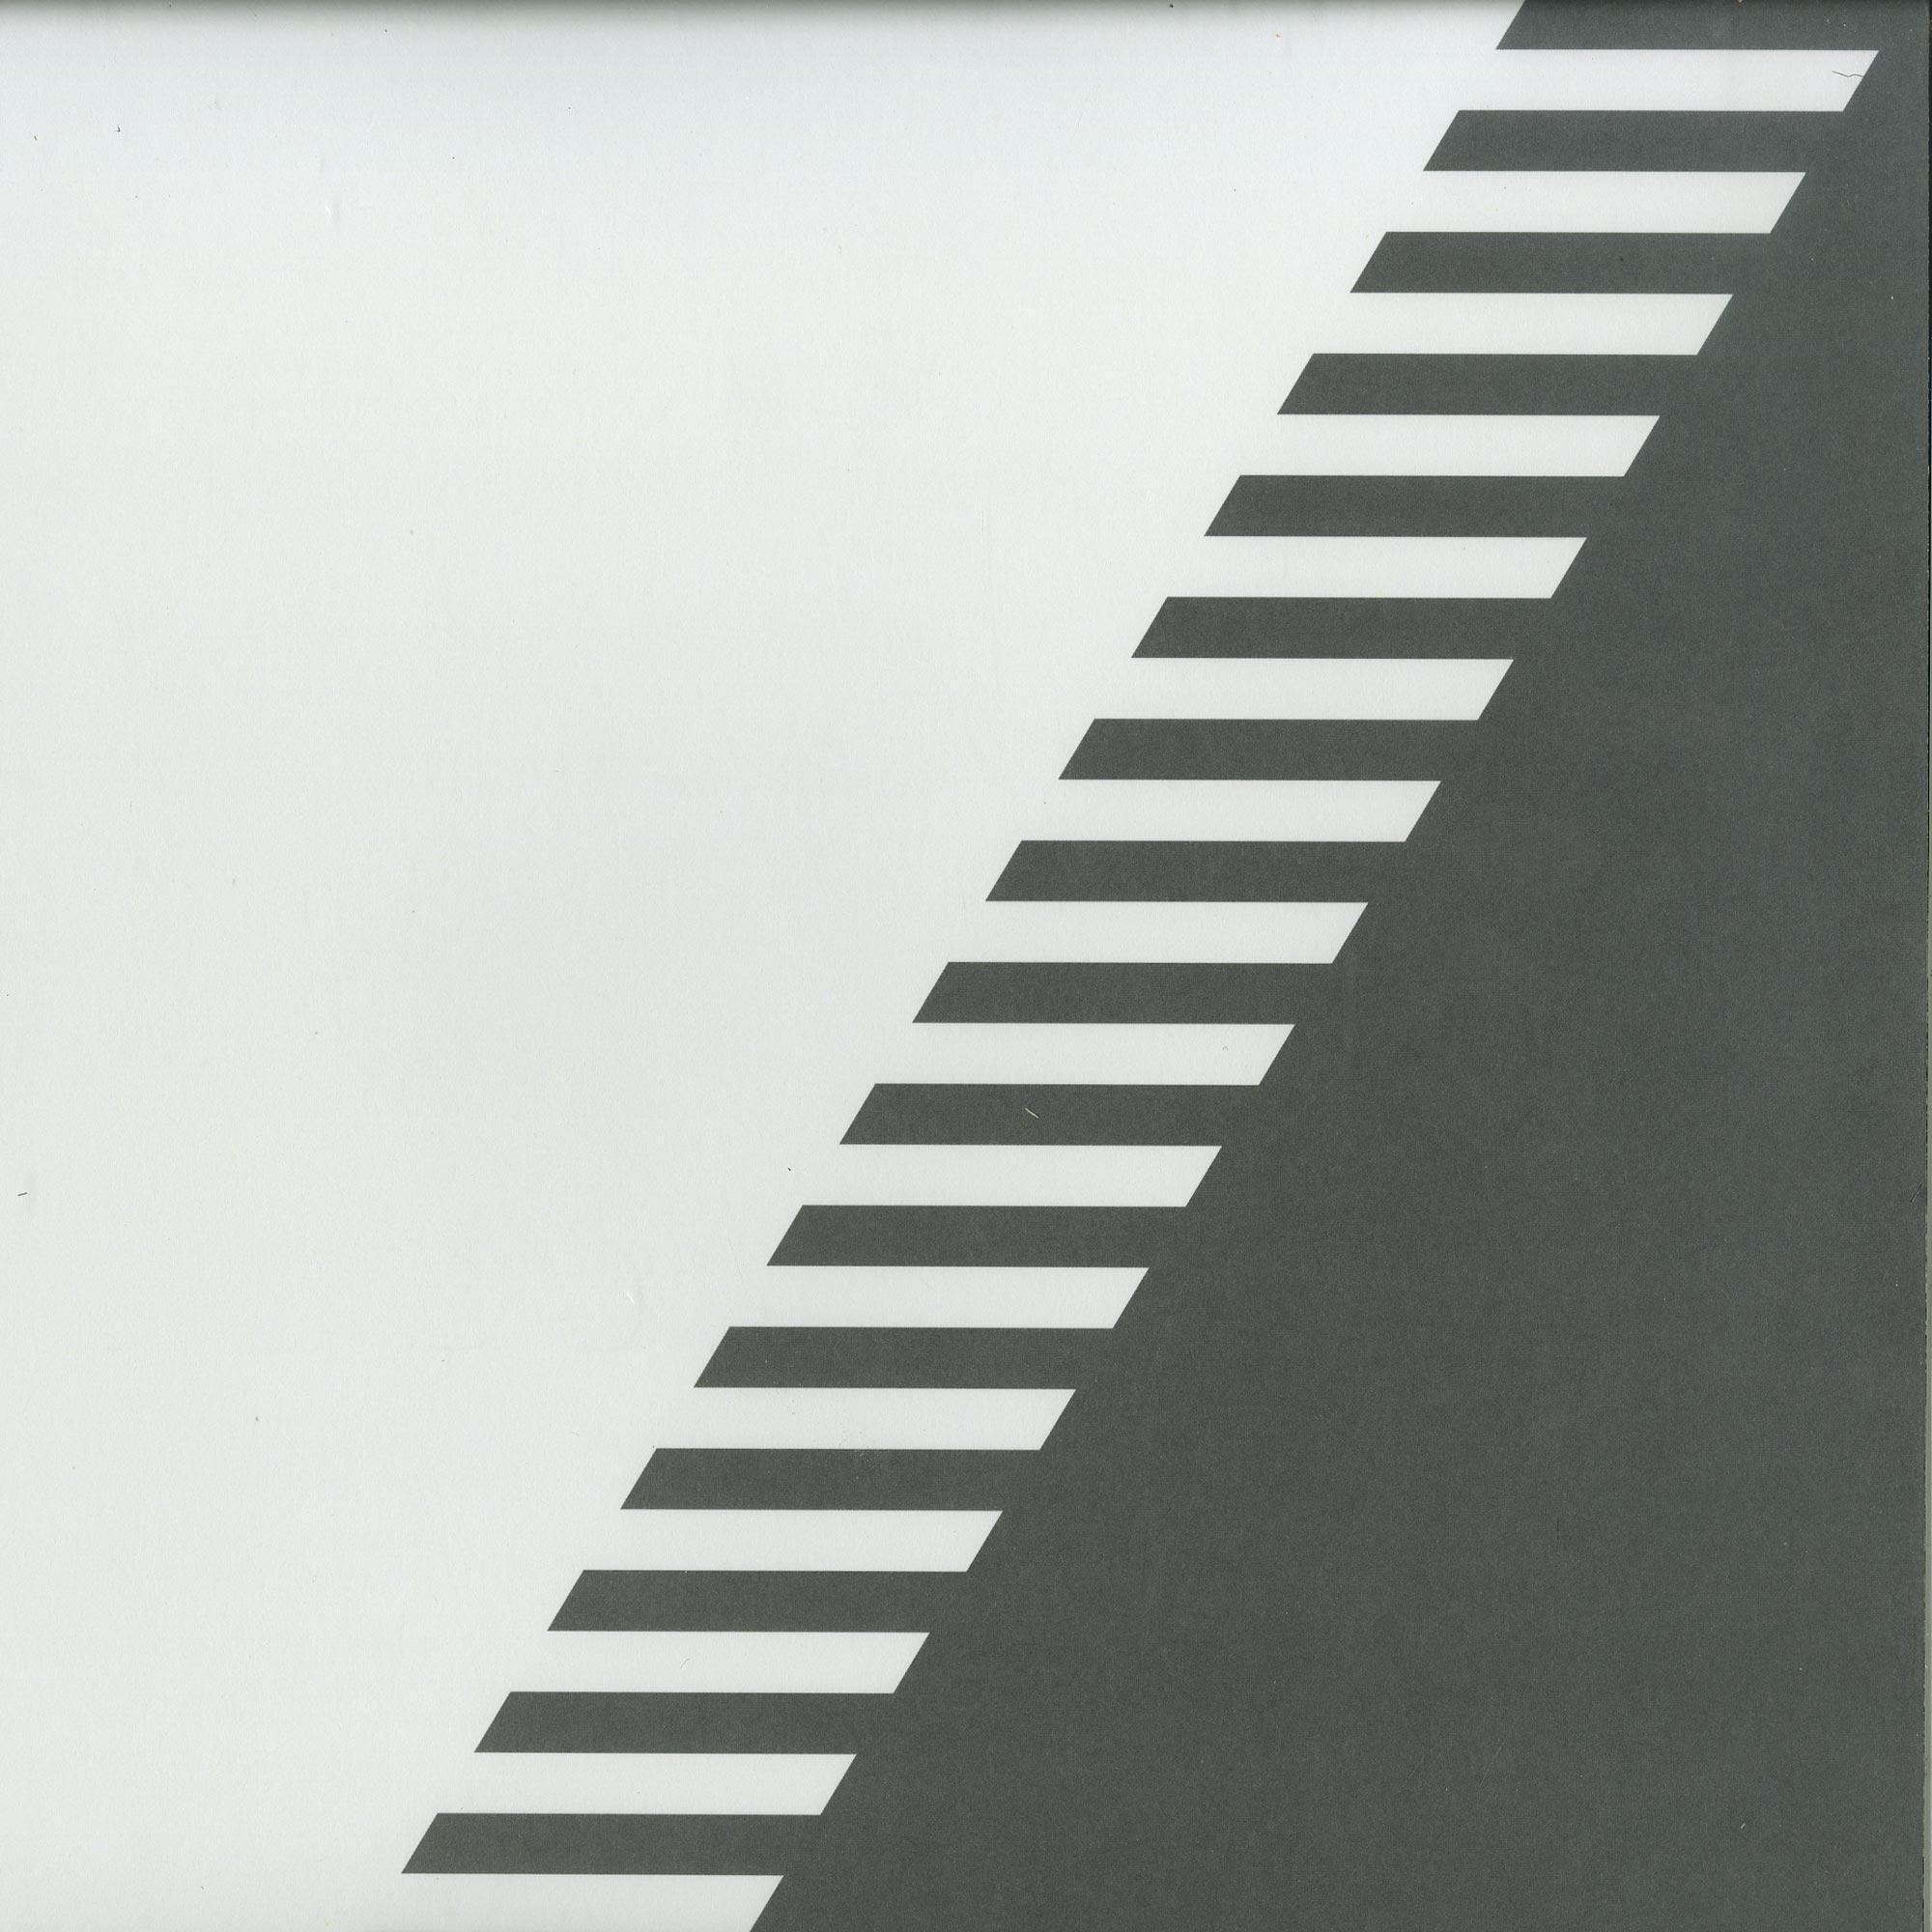 Christian Piers - DETACHMENT EP